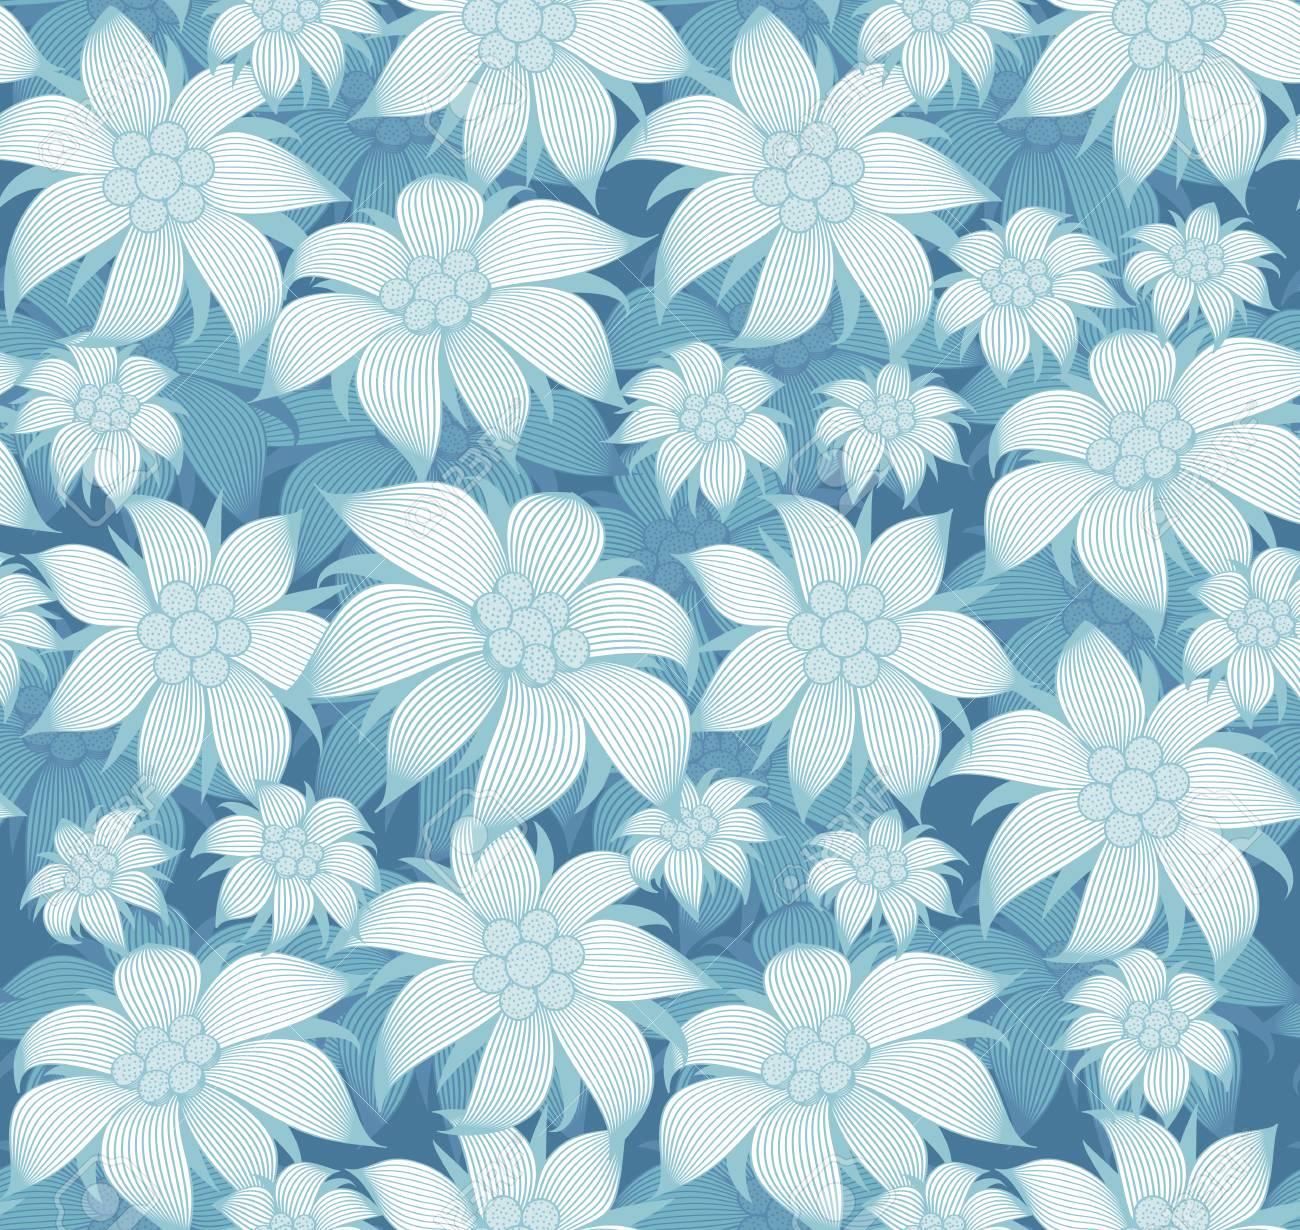 Patron Floral Sin Fisuras Sobre Un Fondo Azul Hay Flores Azules De